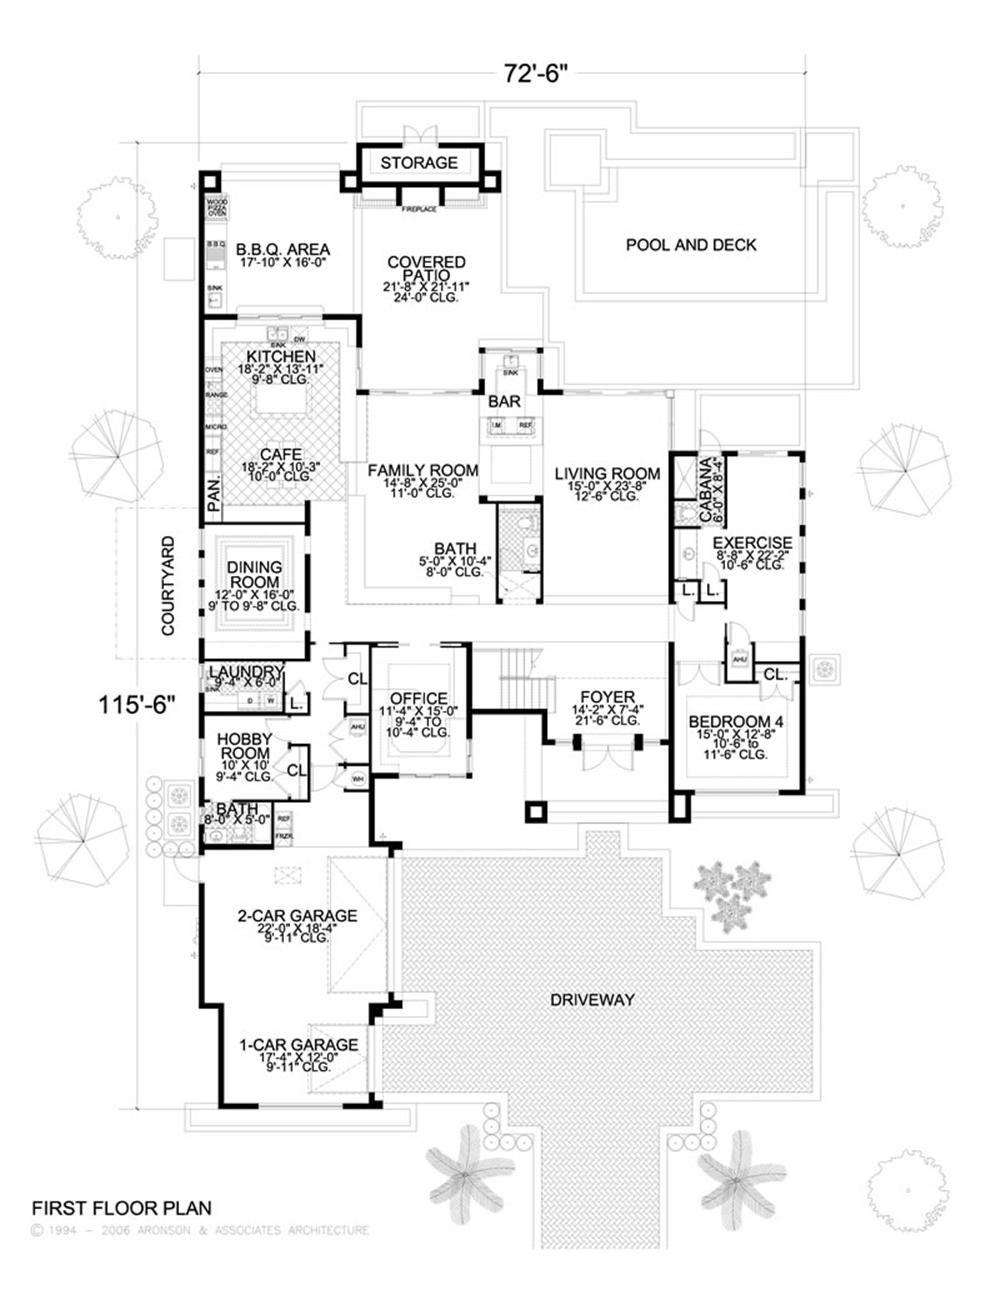 Vista ppal casa moderna no 1 plano principal planos de - Planos de casas modernas ...